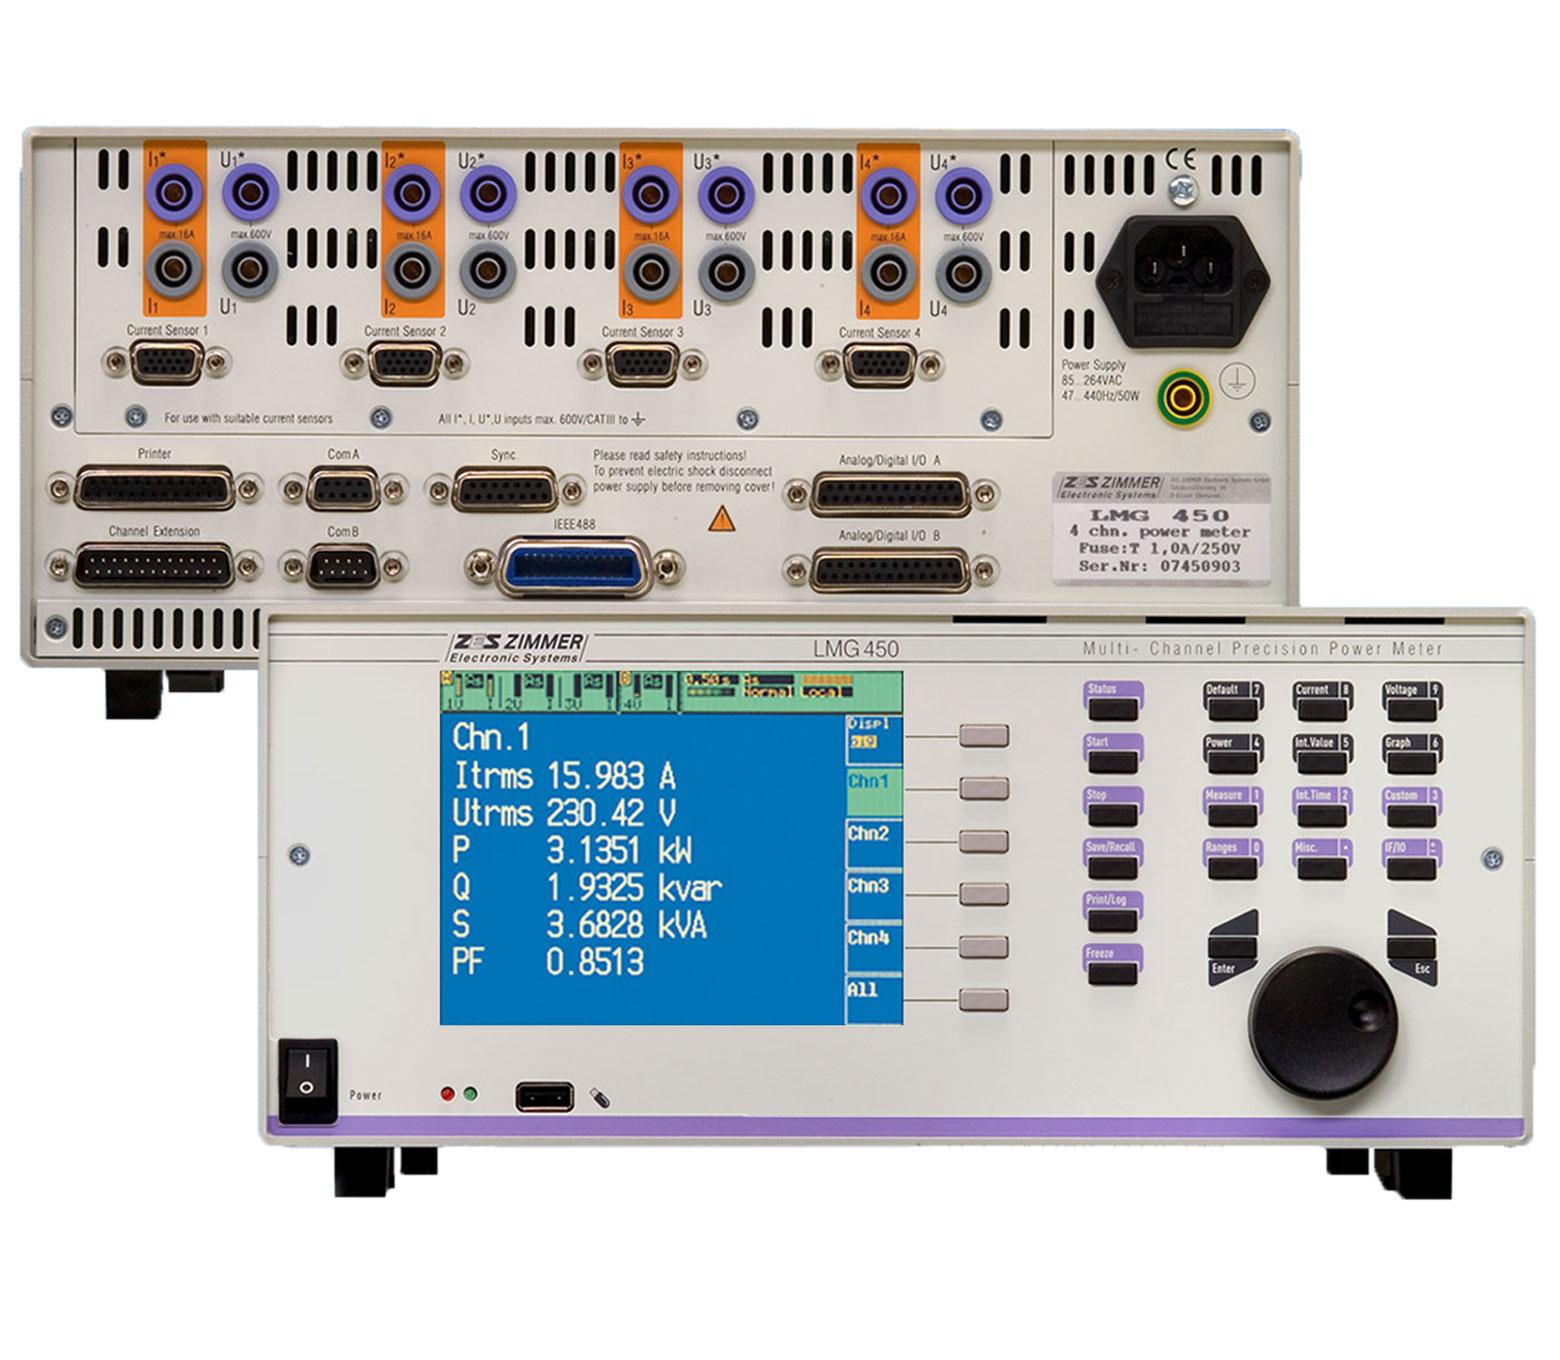 LMG450+back-1560x1360 ZES ZIMMER Leistungsmessgerät WINGOLD MESSTECHNIK